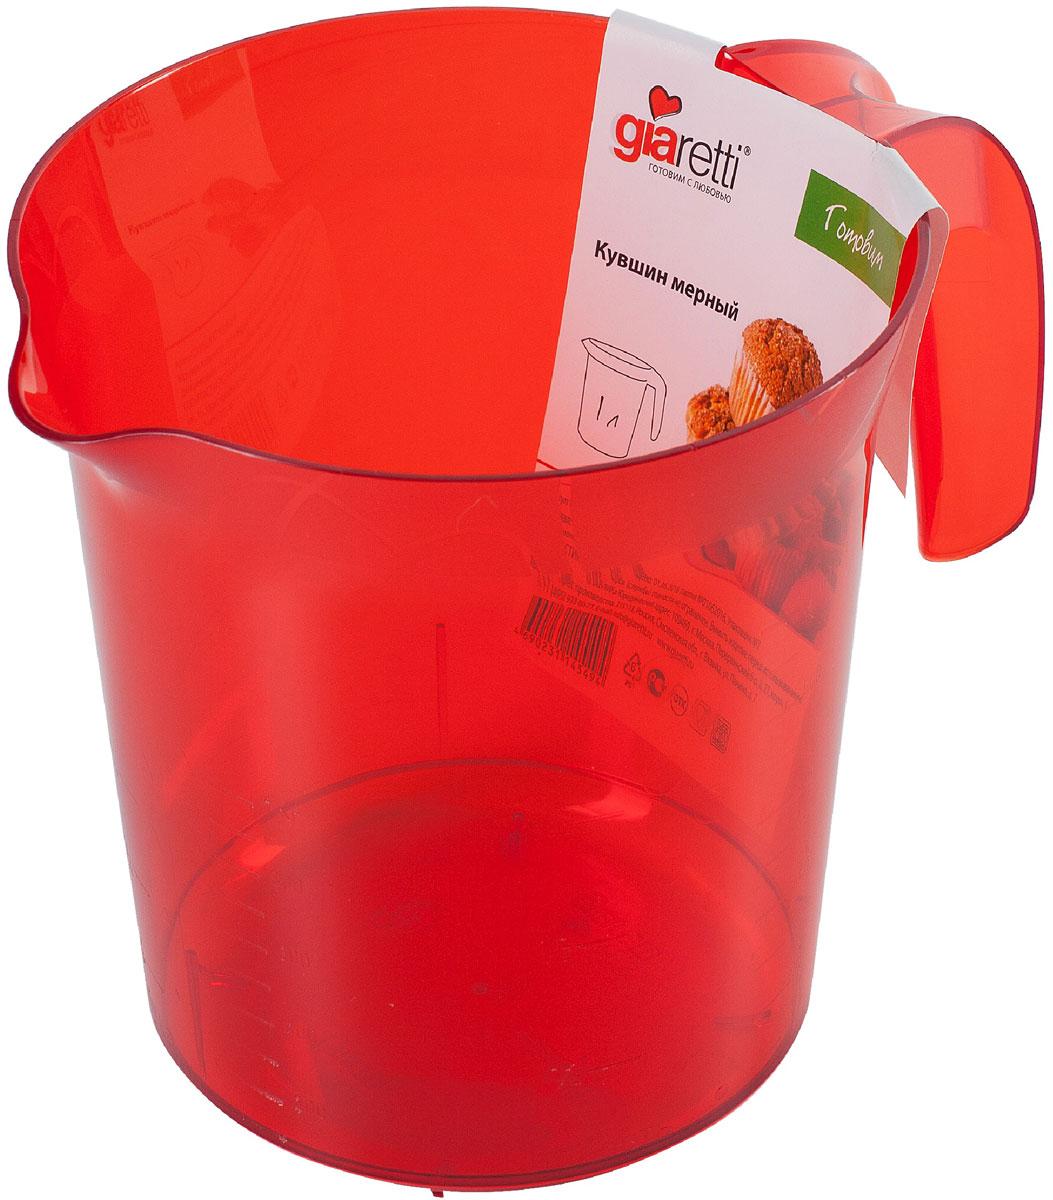 Стакан мерный Giaretti, цвет: красный, 1 лMT-1945Мерный прозрачный стакан Giaretti выполнен из высококачественного пластика. Стакан оснащен удобной ручкой и носиком, которые делают изделие еще более простым в использовании. Он позволяет мерить жидкости до 1 л. Удобная форма стакана позволяет как отмерить необходимое количество продукта, так и взбить/замесить его непосредственно в прямо в этой же емкости.Такой стаканчик пригодится каждой хозяйке на кухне, ведь зачастую приготовление некоторых блюд требует известной точности.Объем: 1 л.Диаметр (по верхнему краю): 13,5 см.Высота: 15 см.